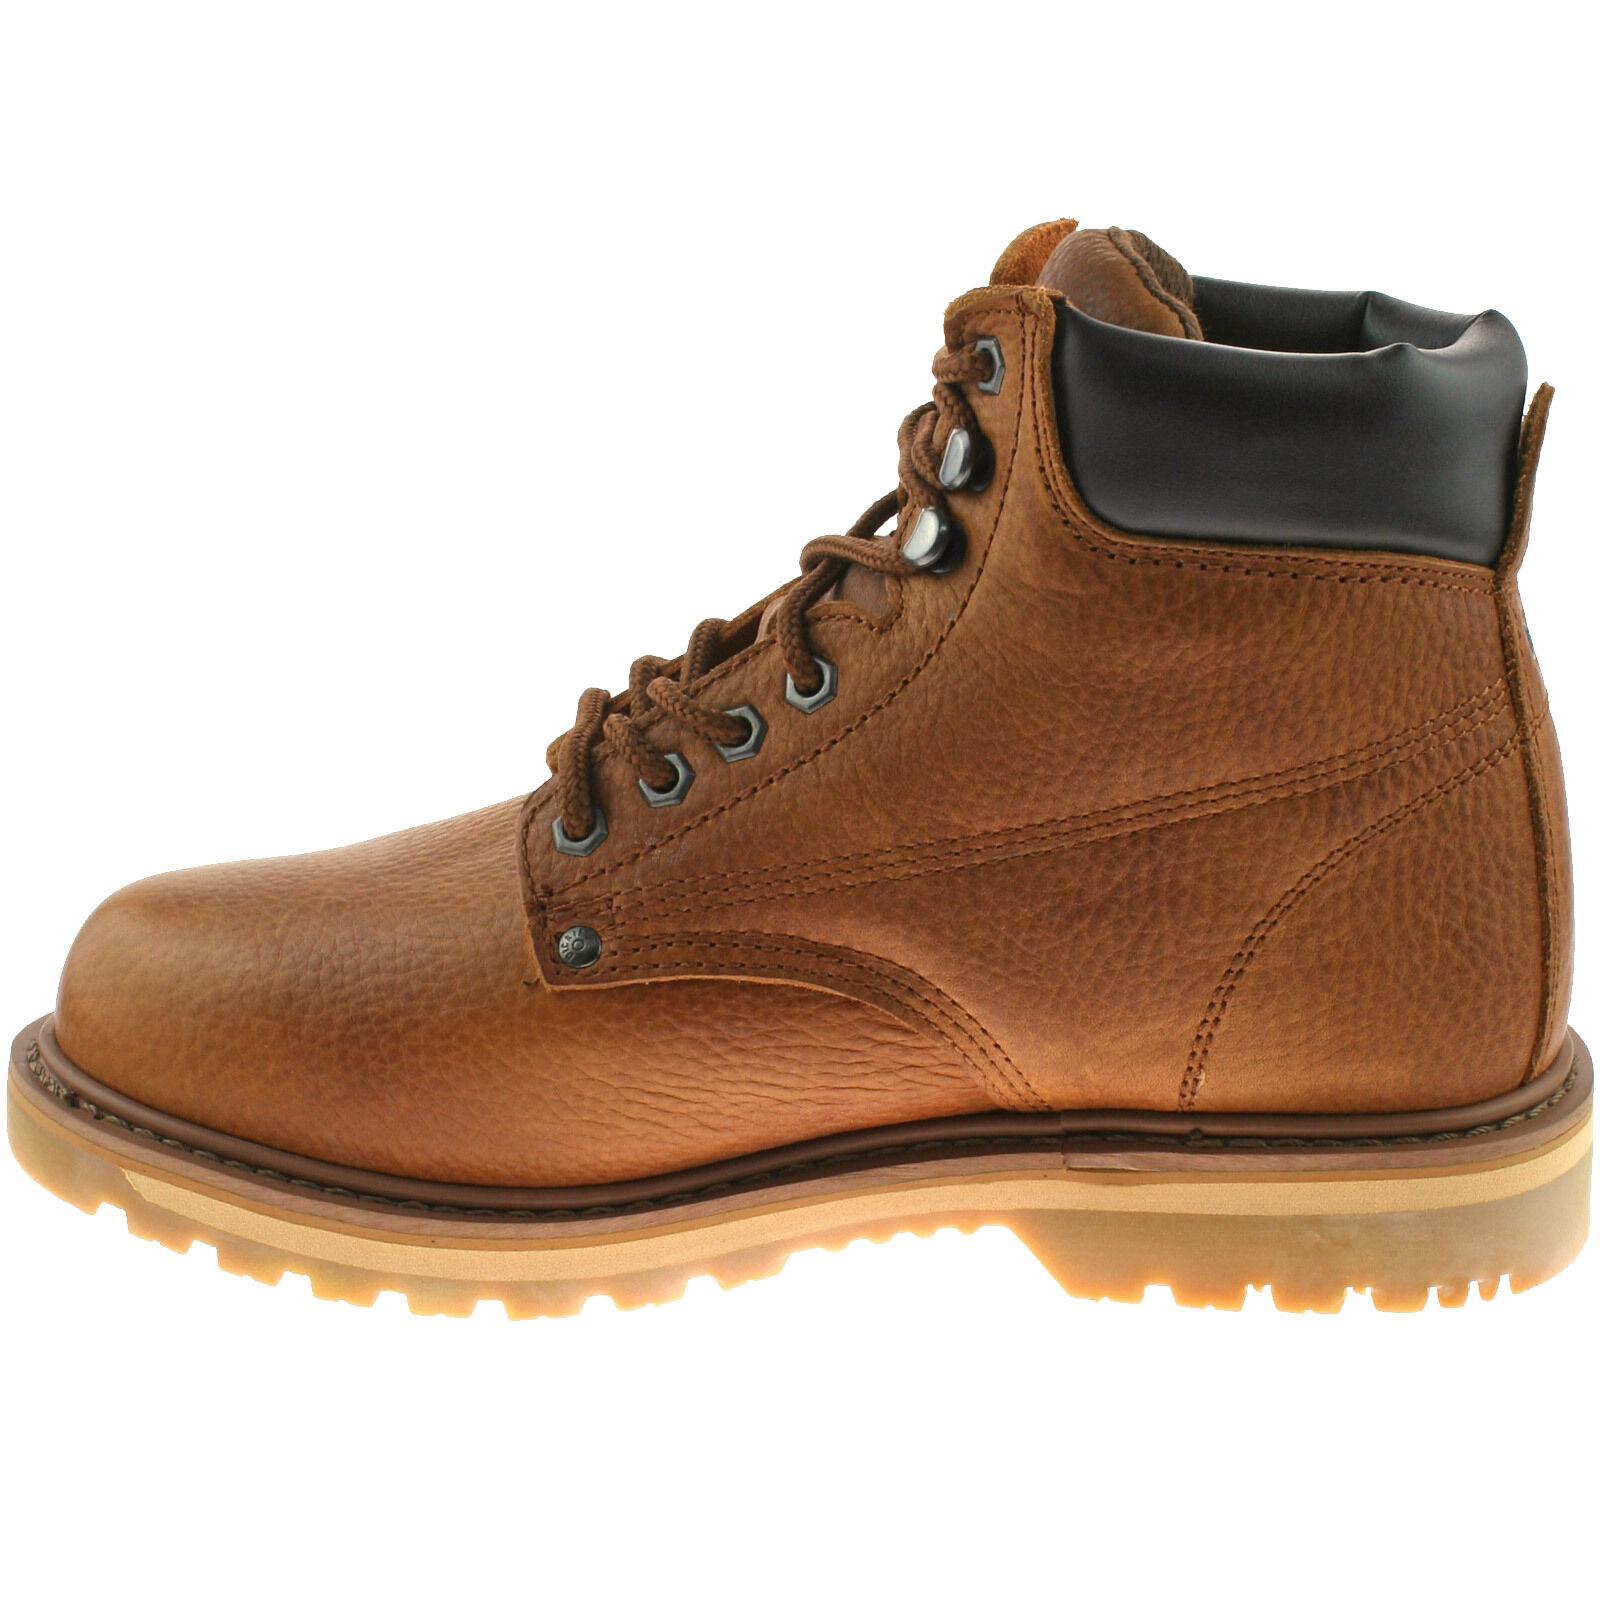 Details zu Herren dickies Welton keine Sicherheit Stiefel Hellbraun Größe Eu 6 12 Leder